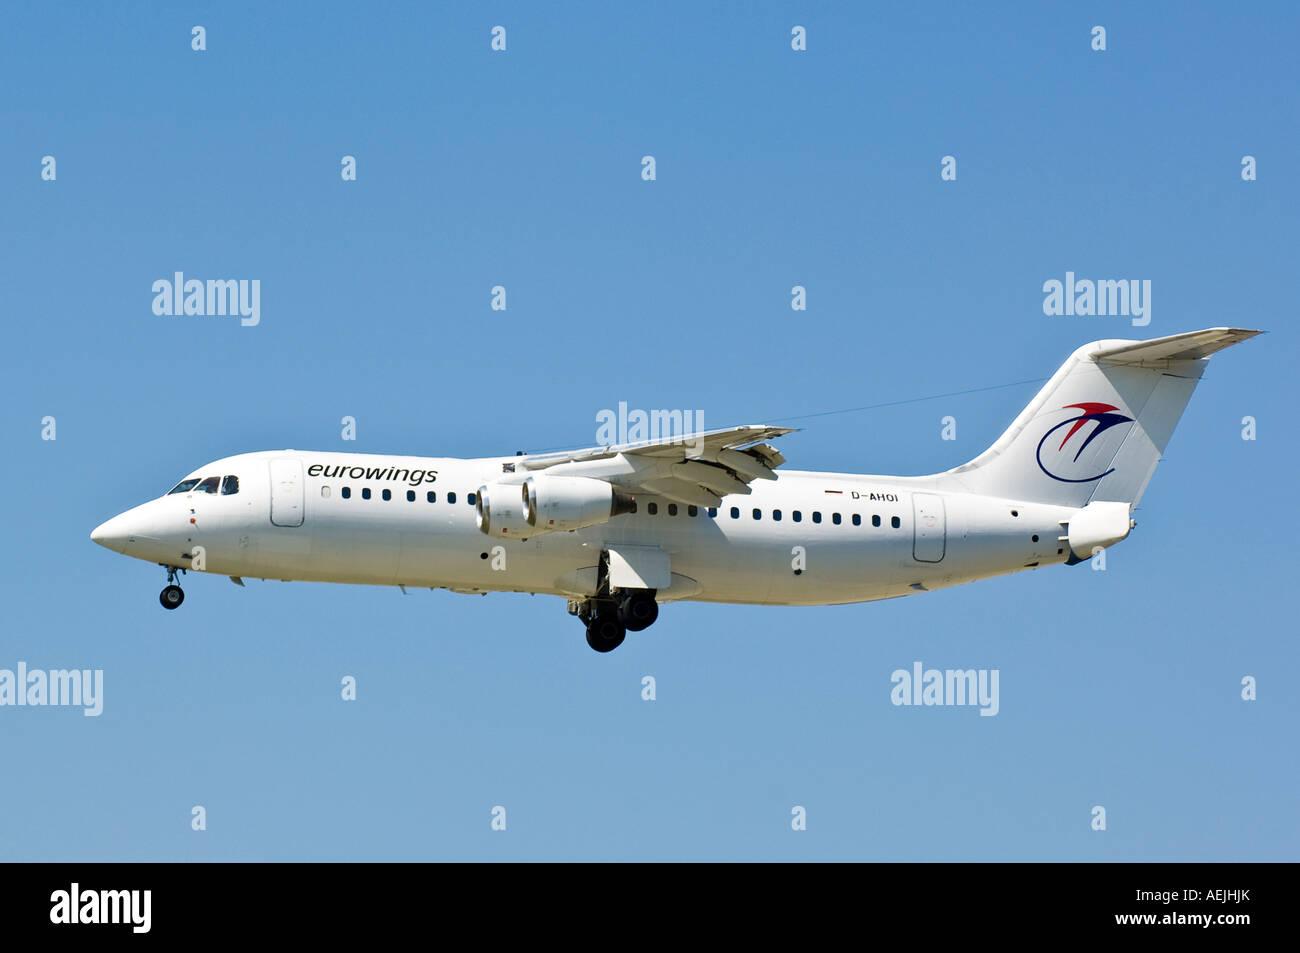 Eurowings BAe 146-300 - Stock Image